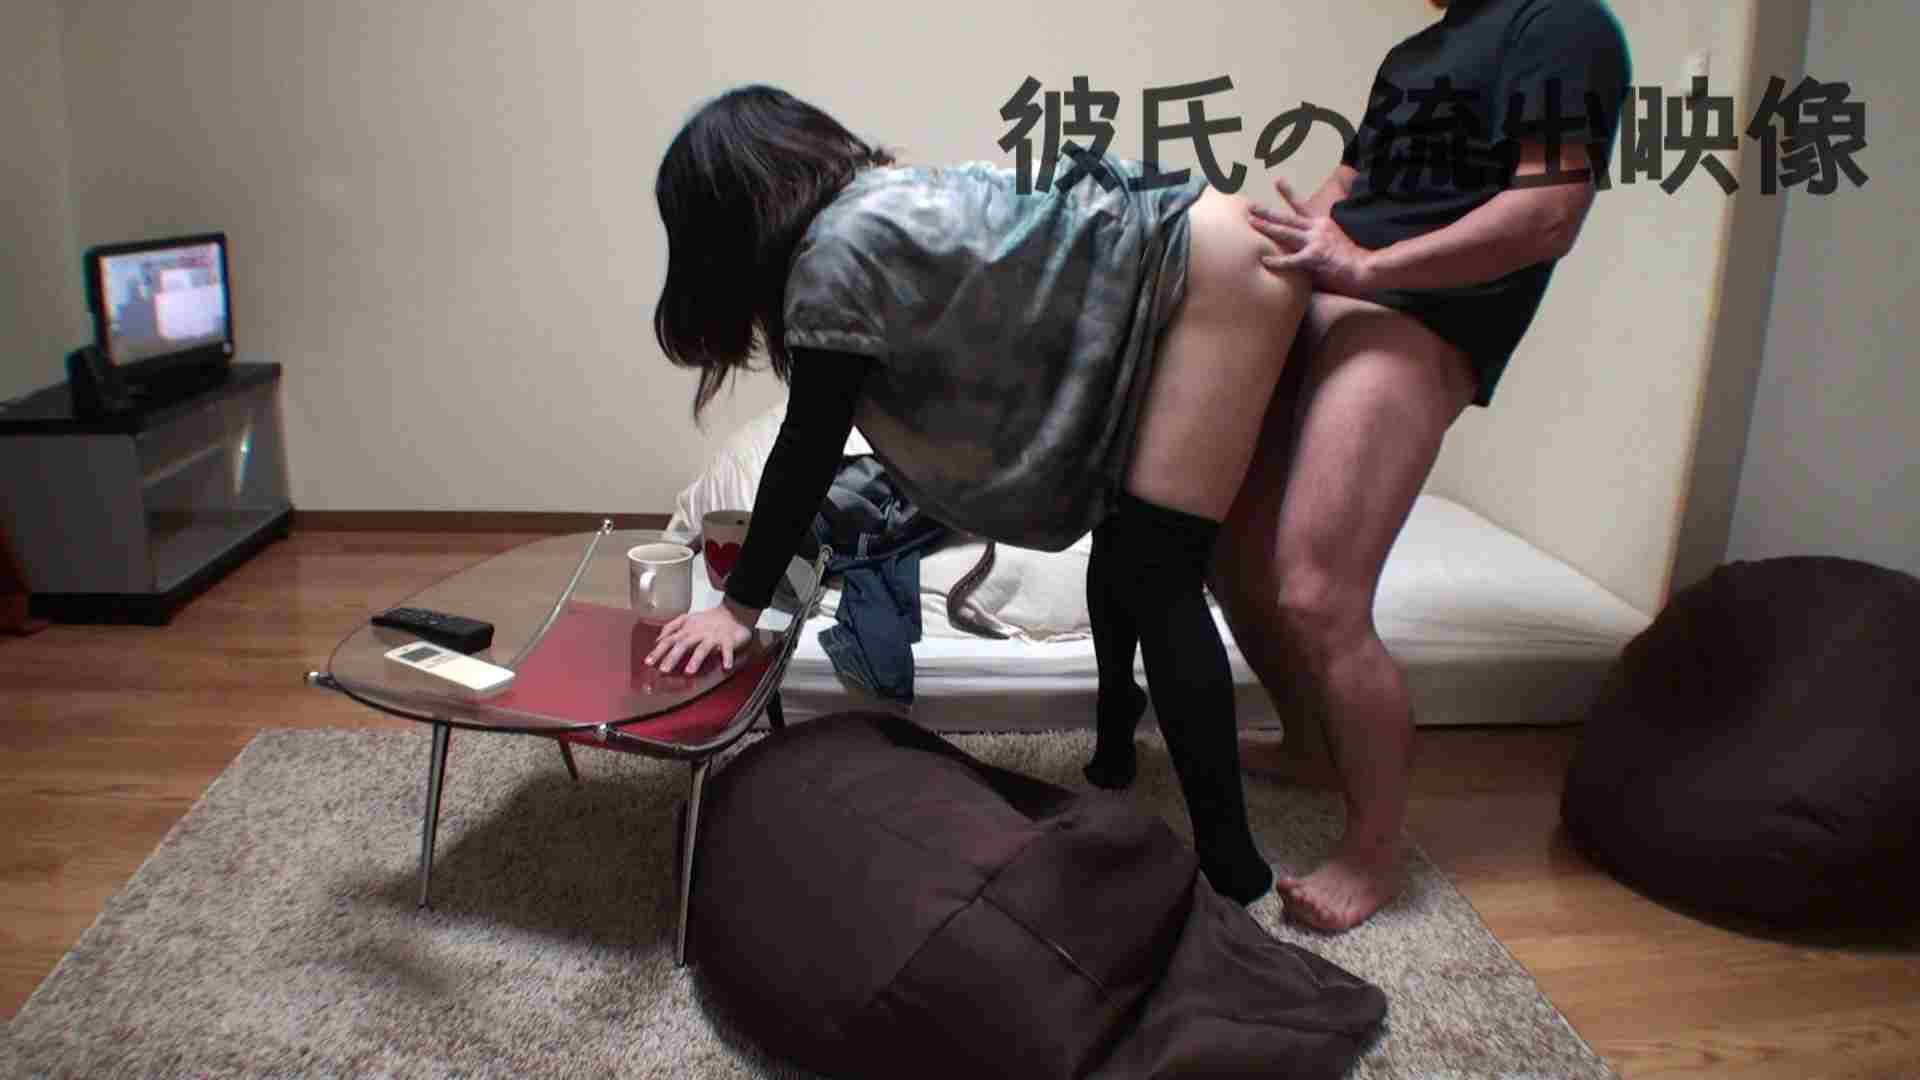 彼氏が流出 パイパン素人嬢のハメ撮り映像02 一般投稿 | ギャル達のSEX  61画像 43